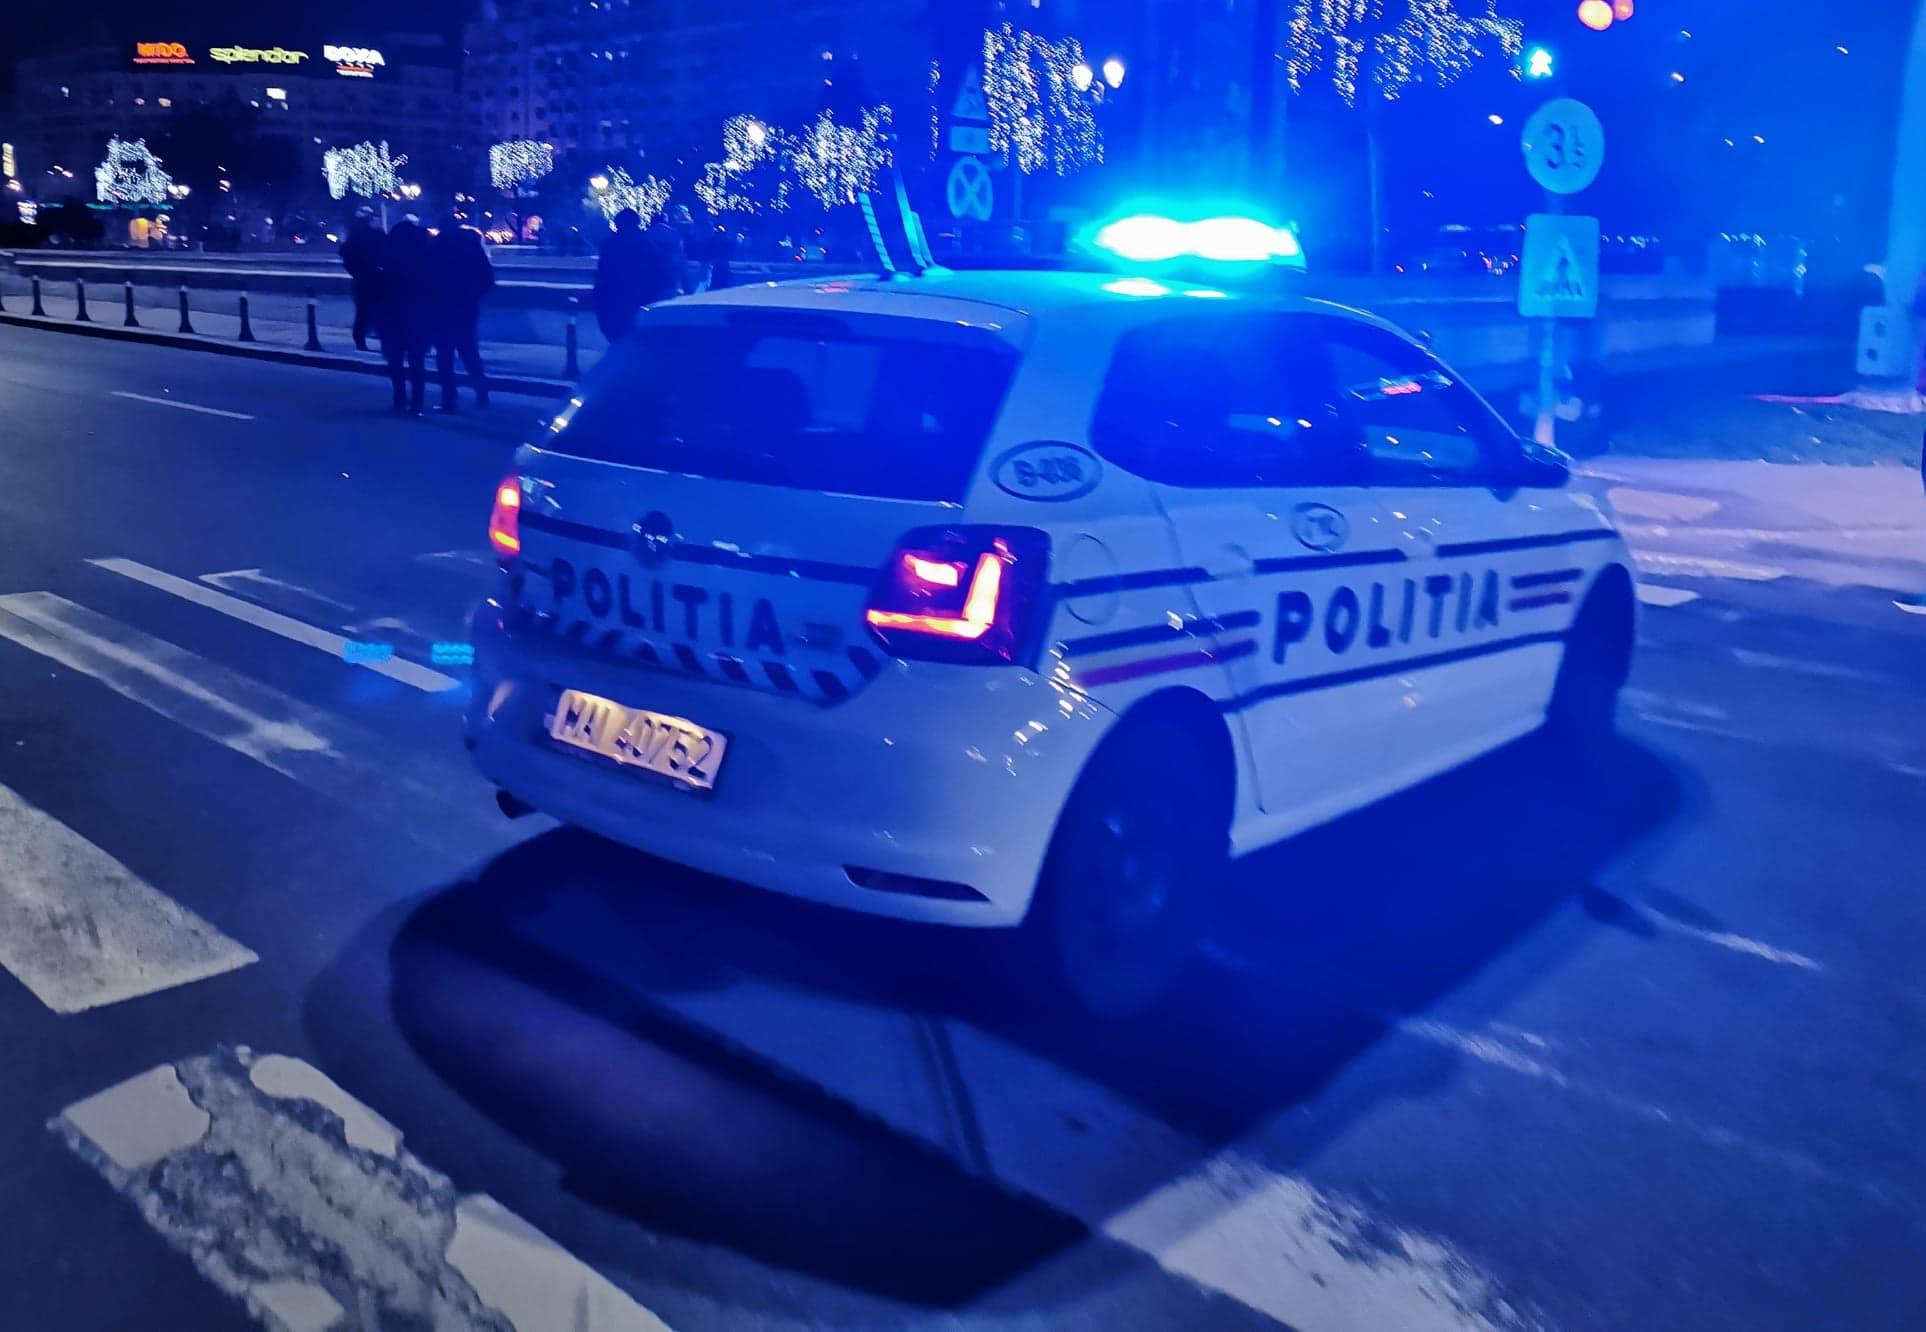 Anchetă în cazul unui tânăr agresiv, mort la scurt timp după ce a fost imobilizat de polițiști